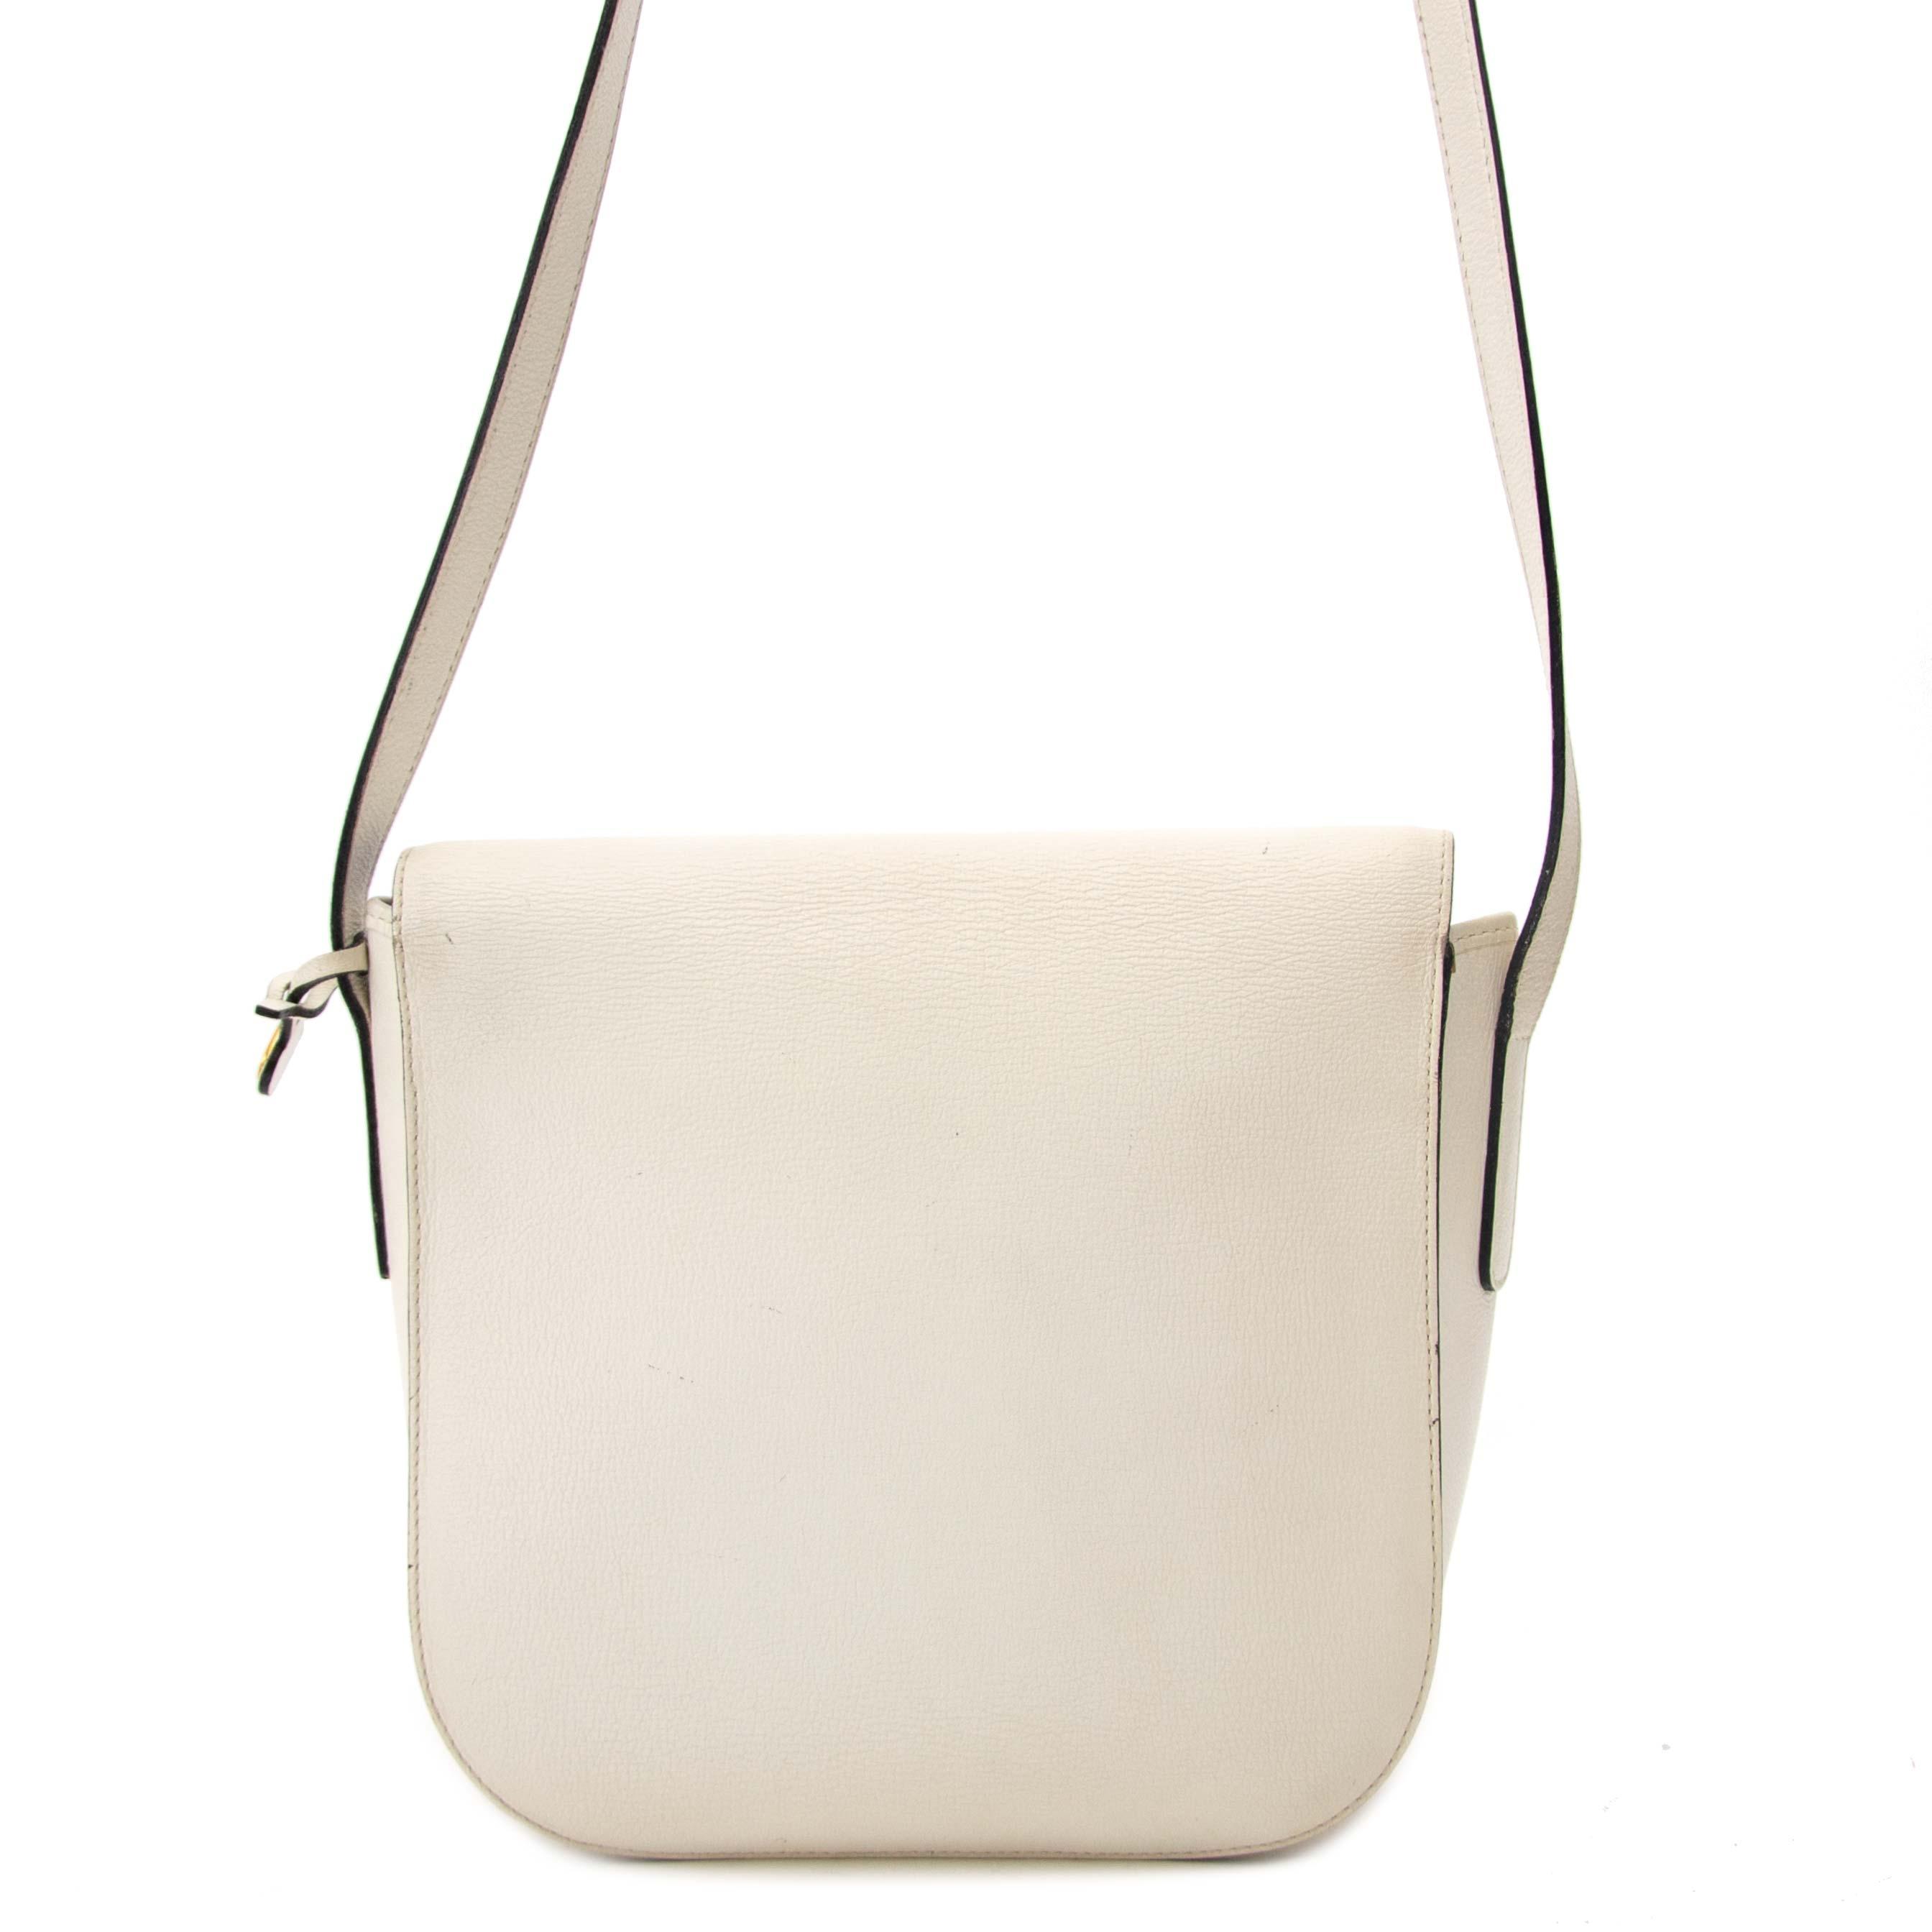 koop veilig Delvaux White Leather Crossbody Bag aan goede prijs bij Labellov in Antwerpen